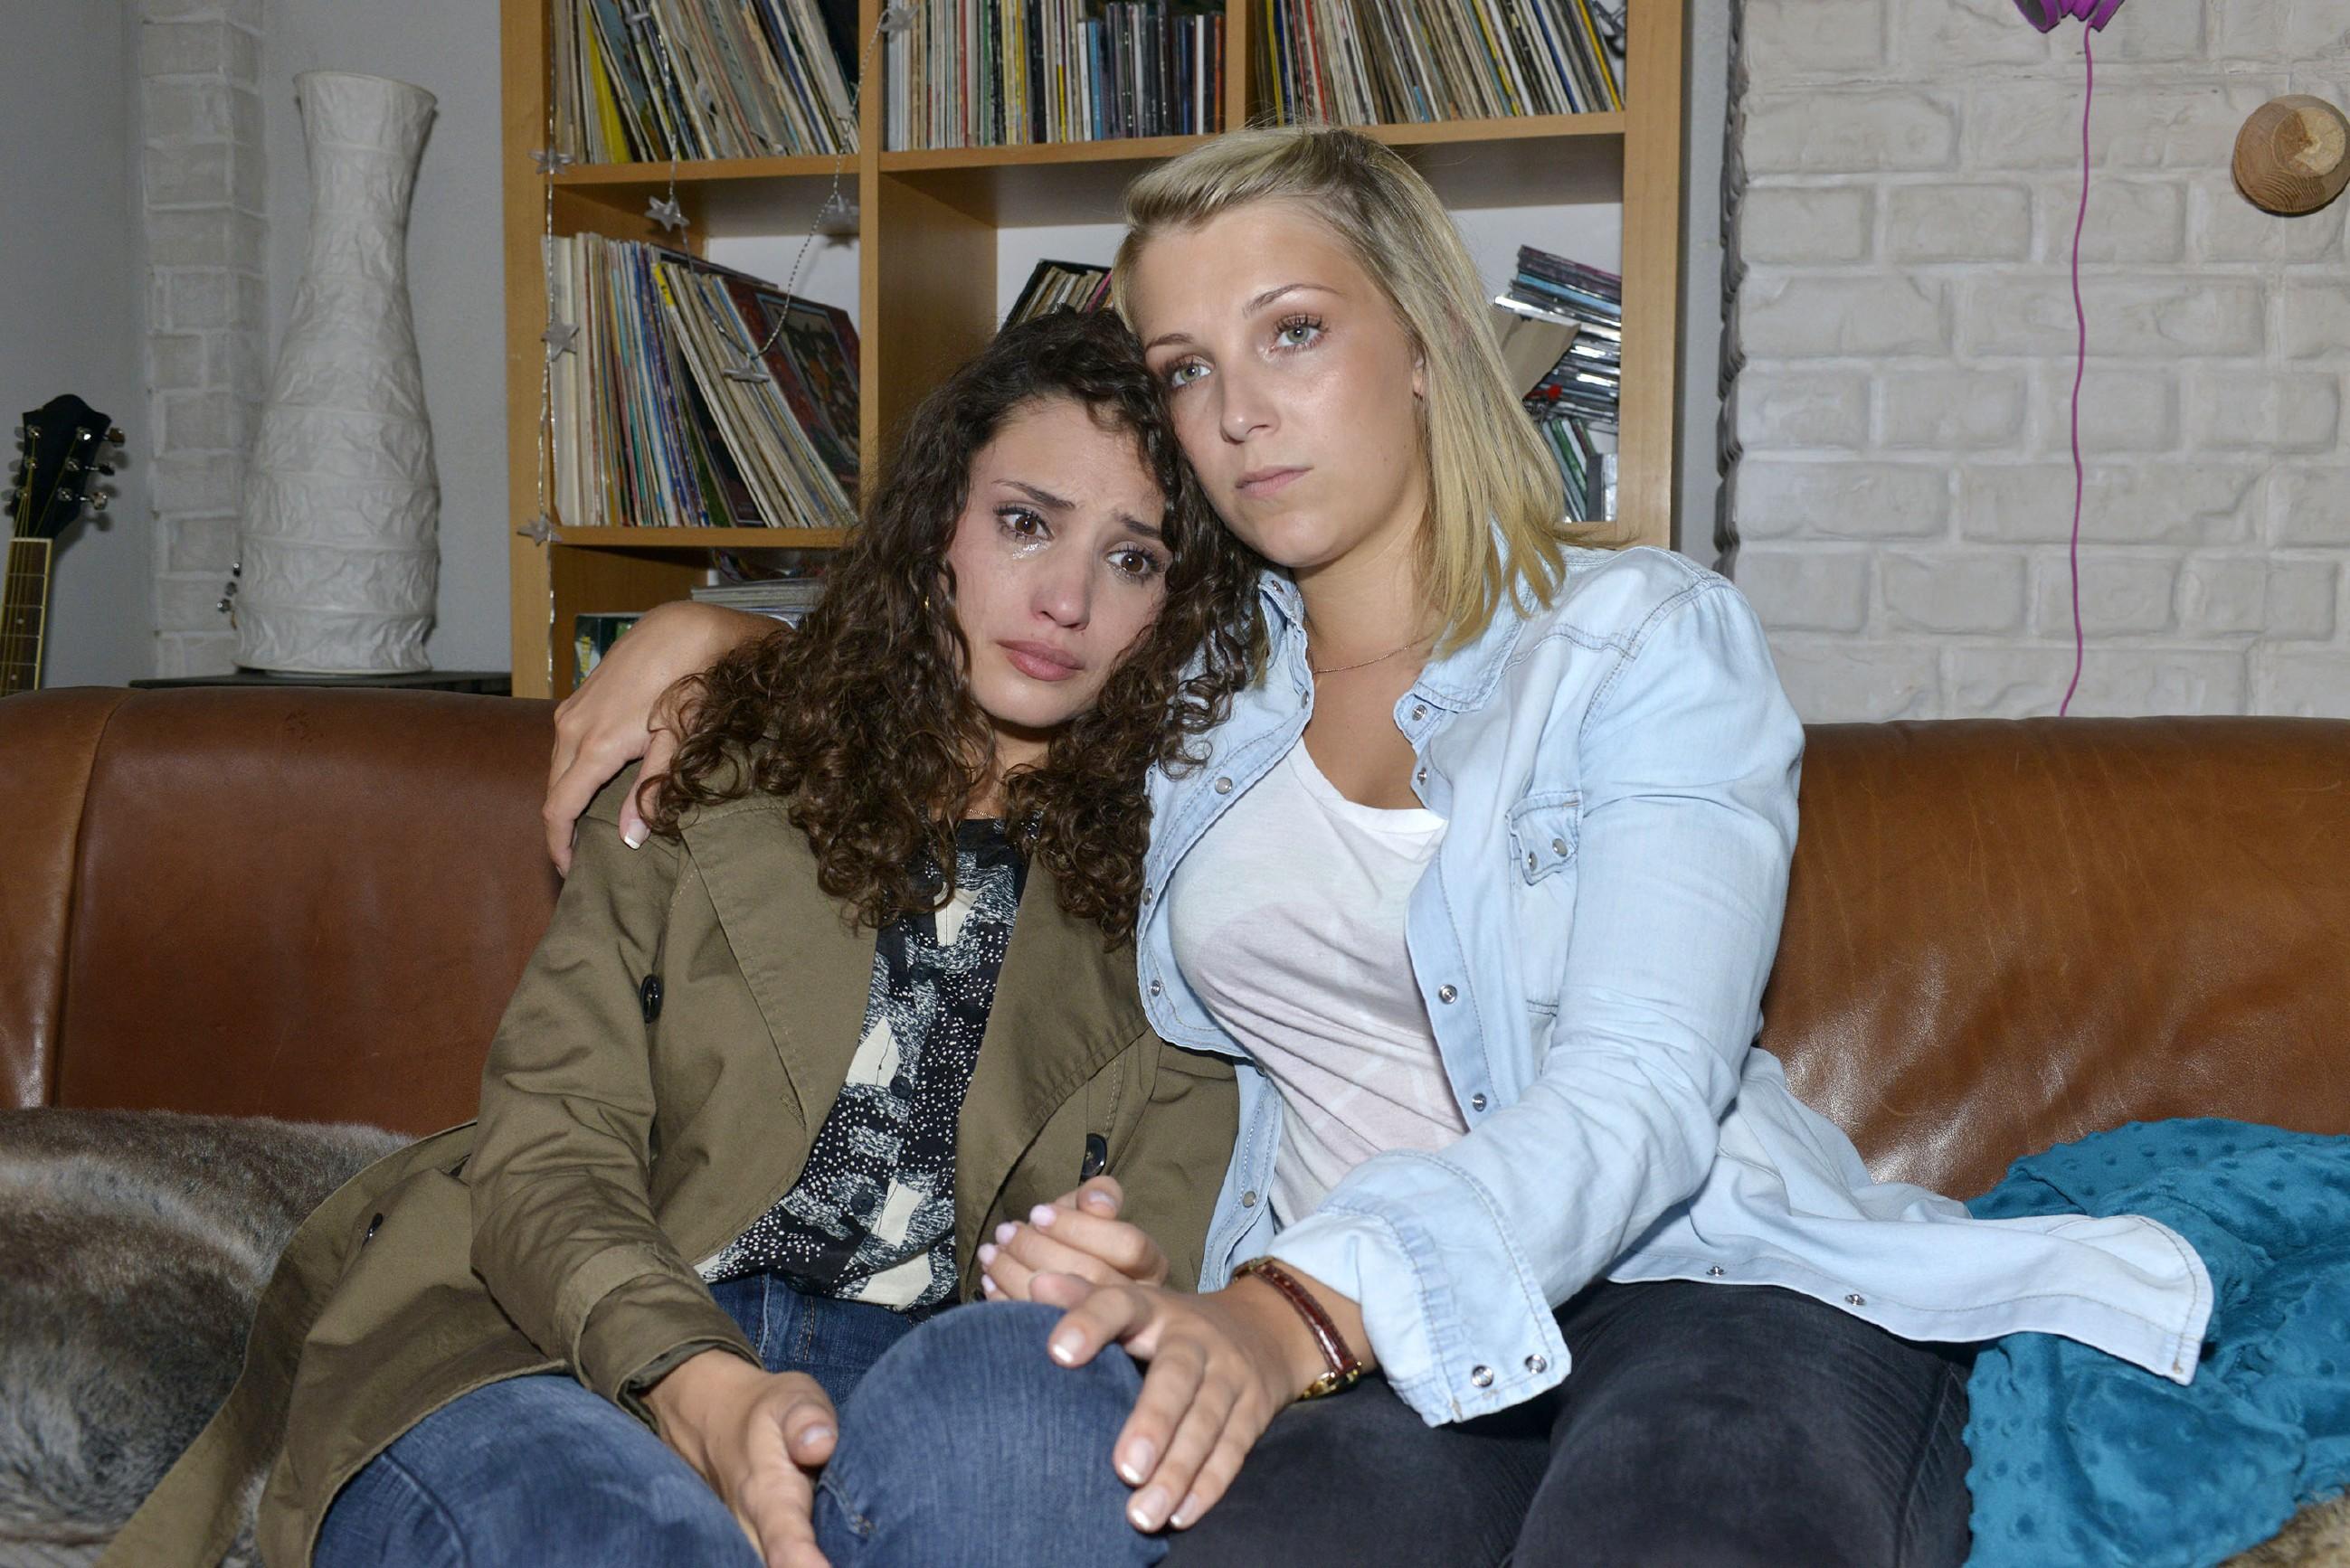 Ayla (Nadine Menz, l.) hat ihr Vertrauen in David verloren und sucht verzweifelt Zuflucht bei Lilly (Iris Mareike Steen) in der WG. (Quelle: RTL / Rolf Baumgartner)